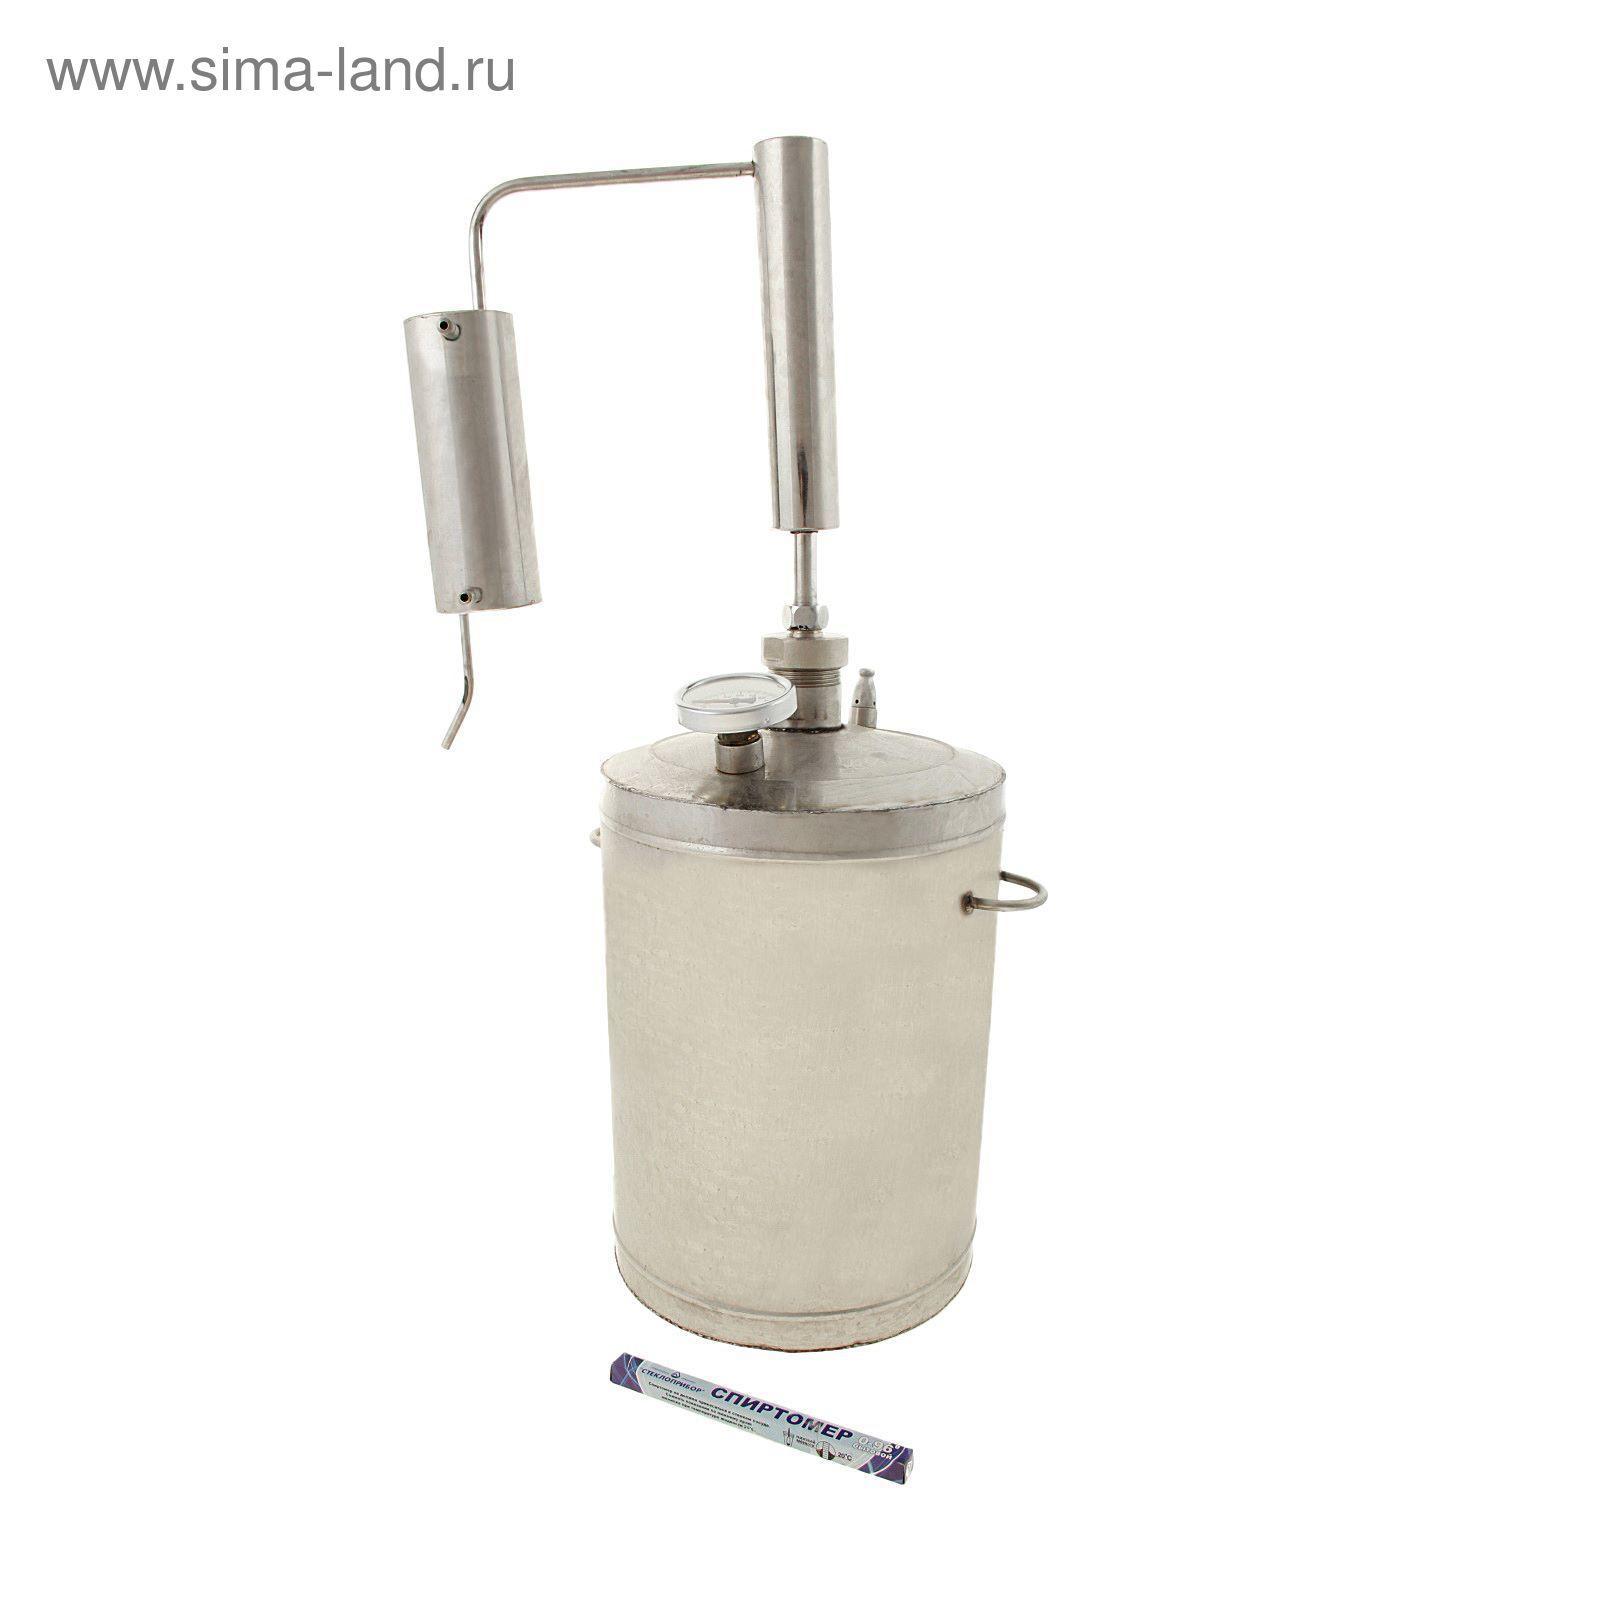 Купить самогонный аппарат на нагатинской самогонный аппарат не требующий воды